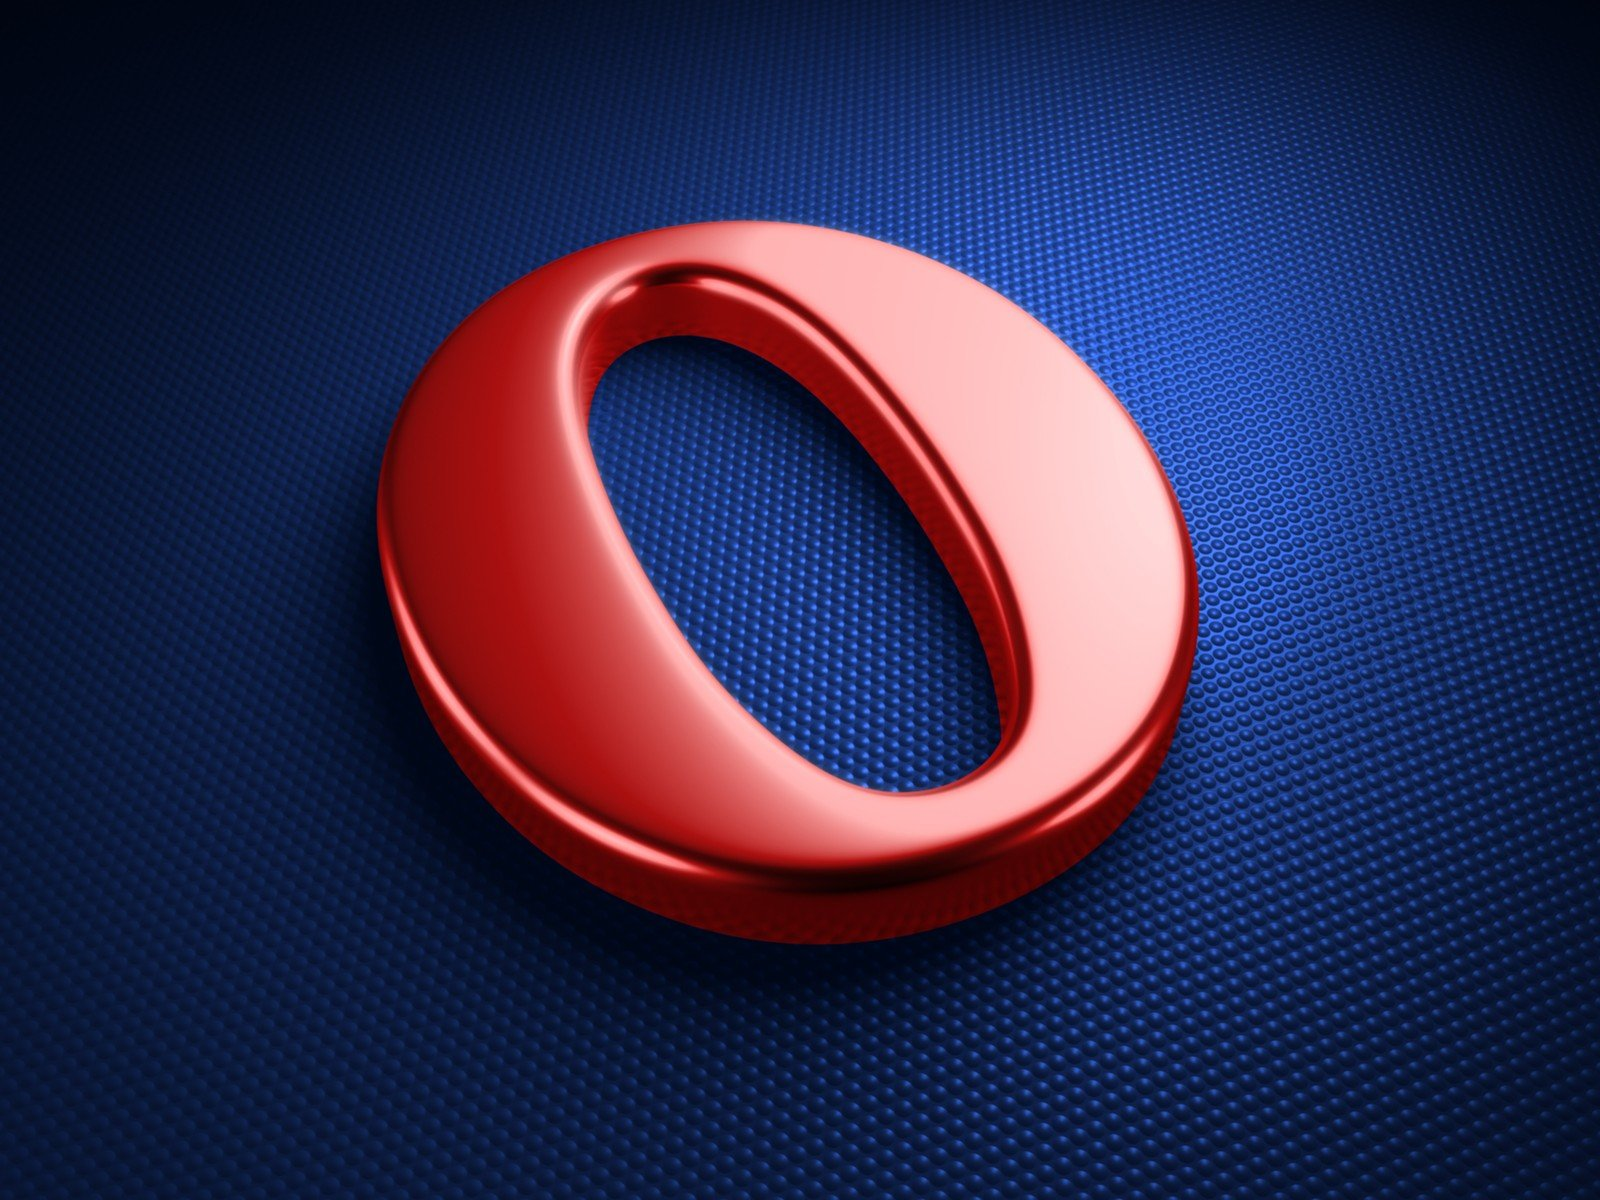 Opera 25 mit neuer Oberfläche erschienen